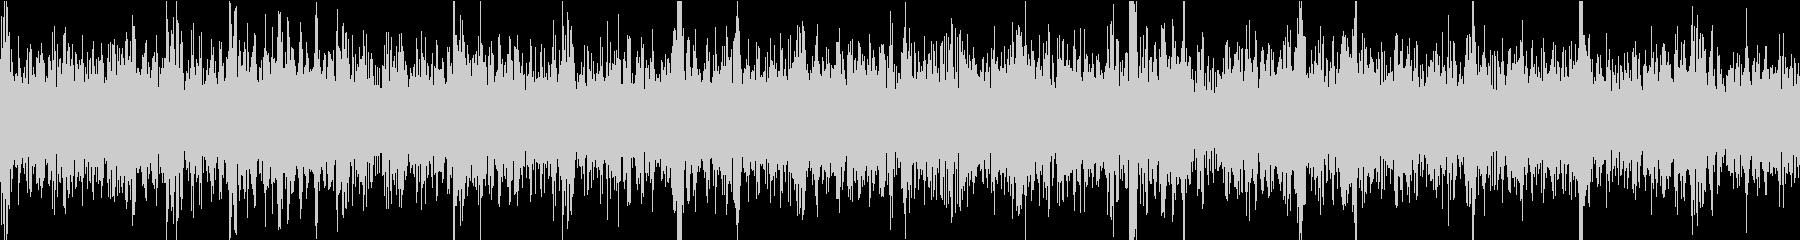 エレキギターの低音が響くヘビーメタルの未再生の波形